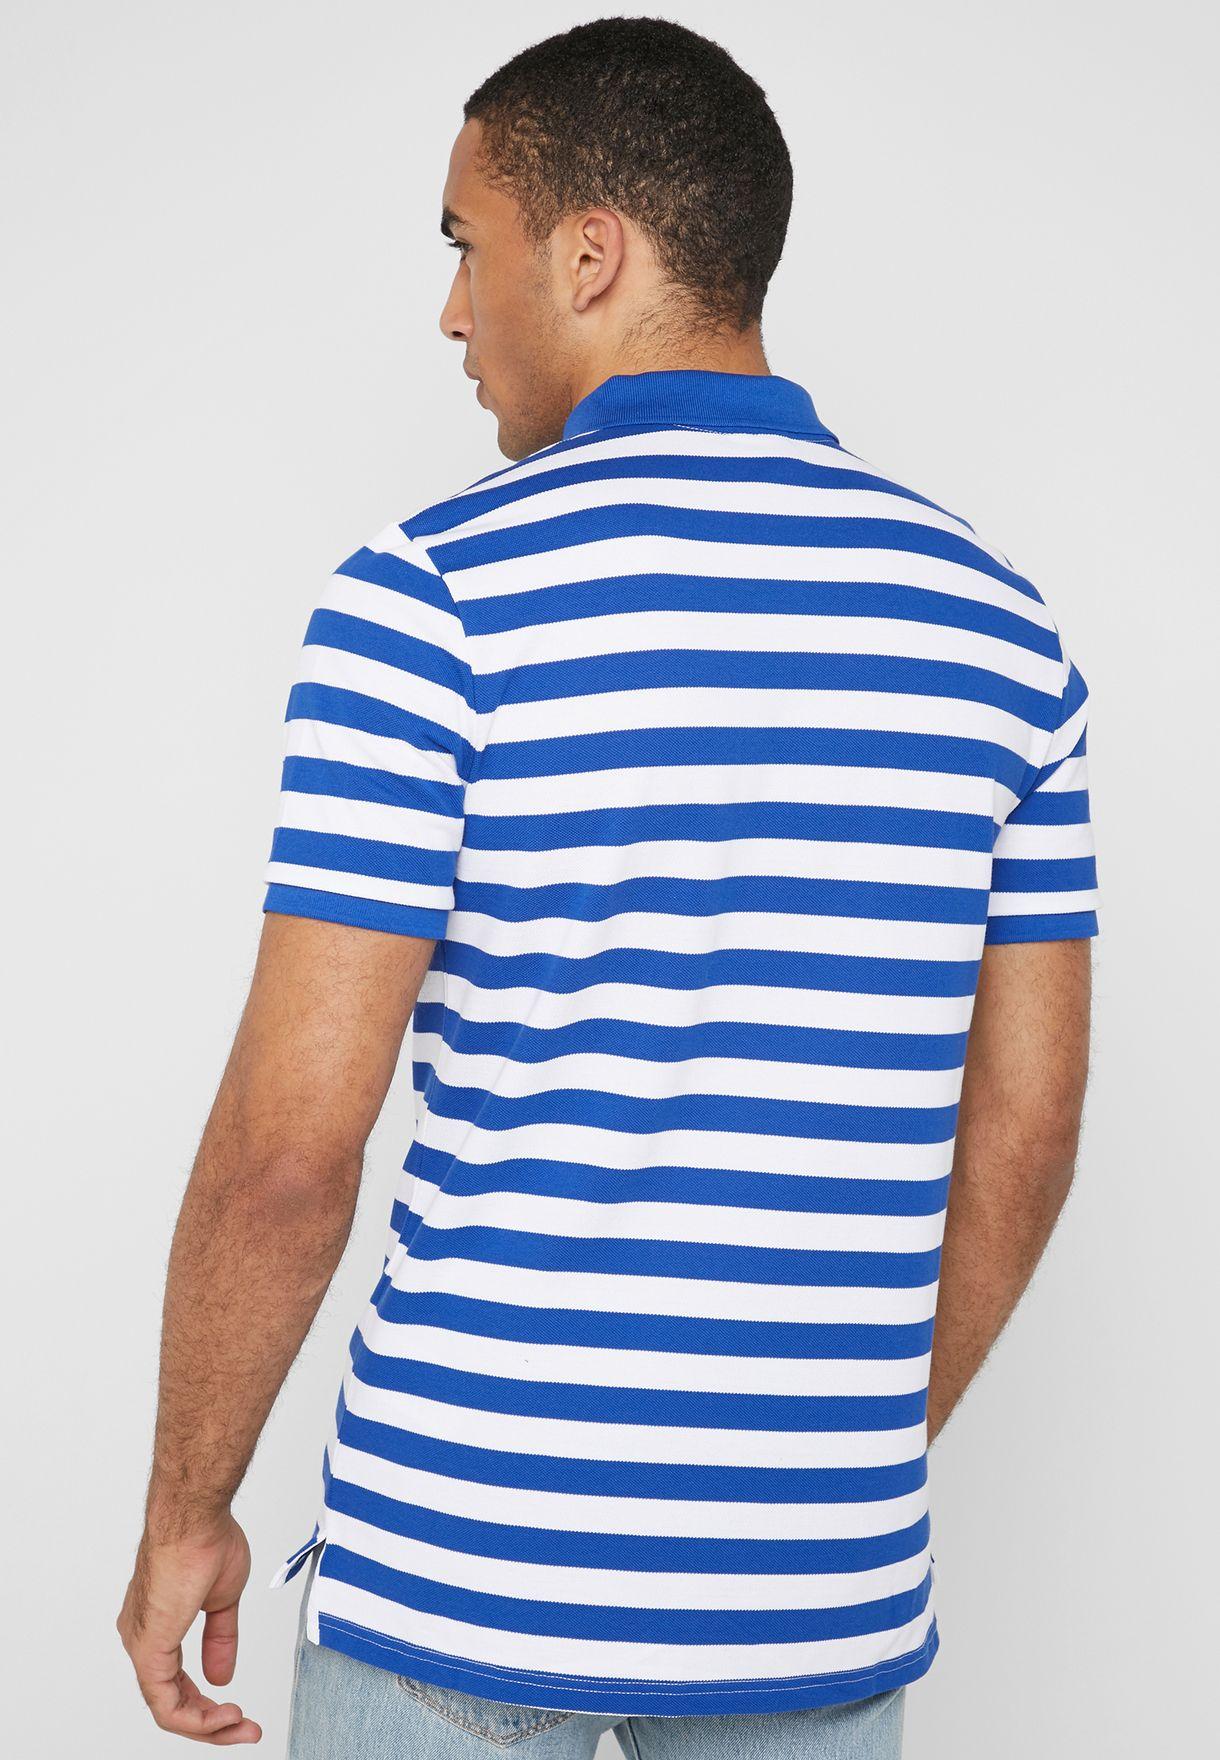 NSW Striped Polo